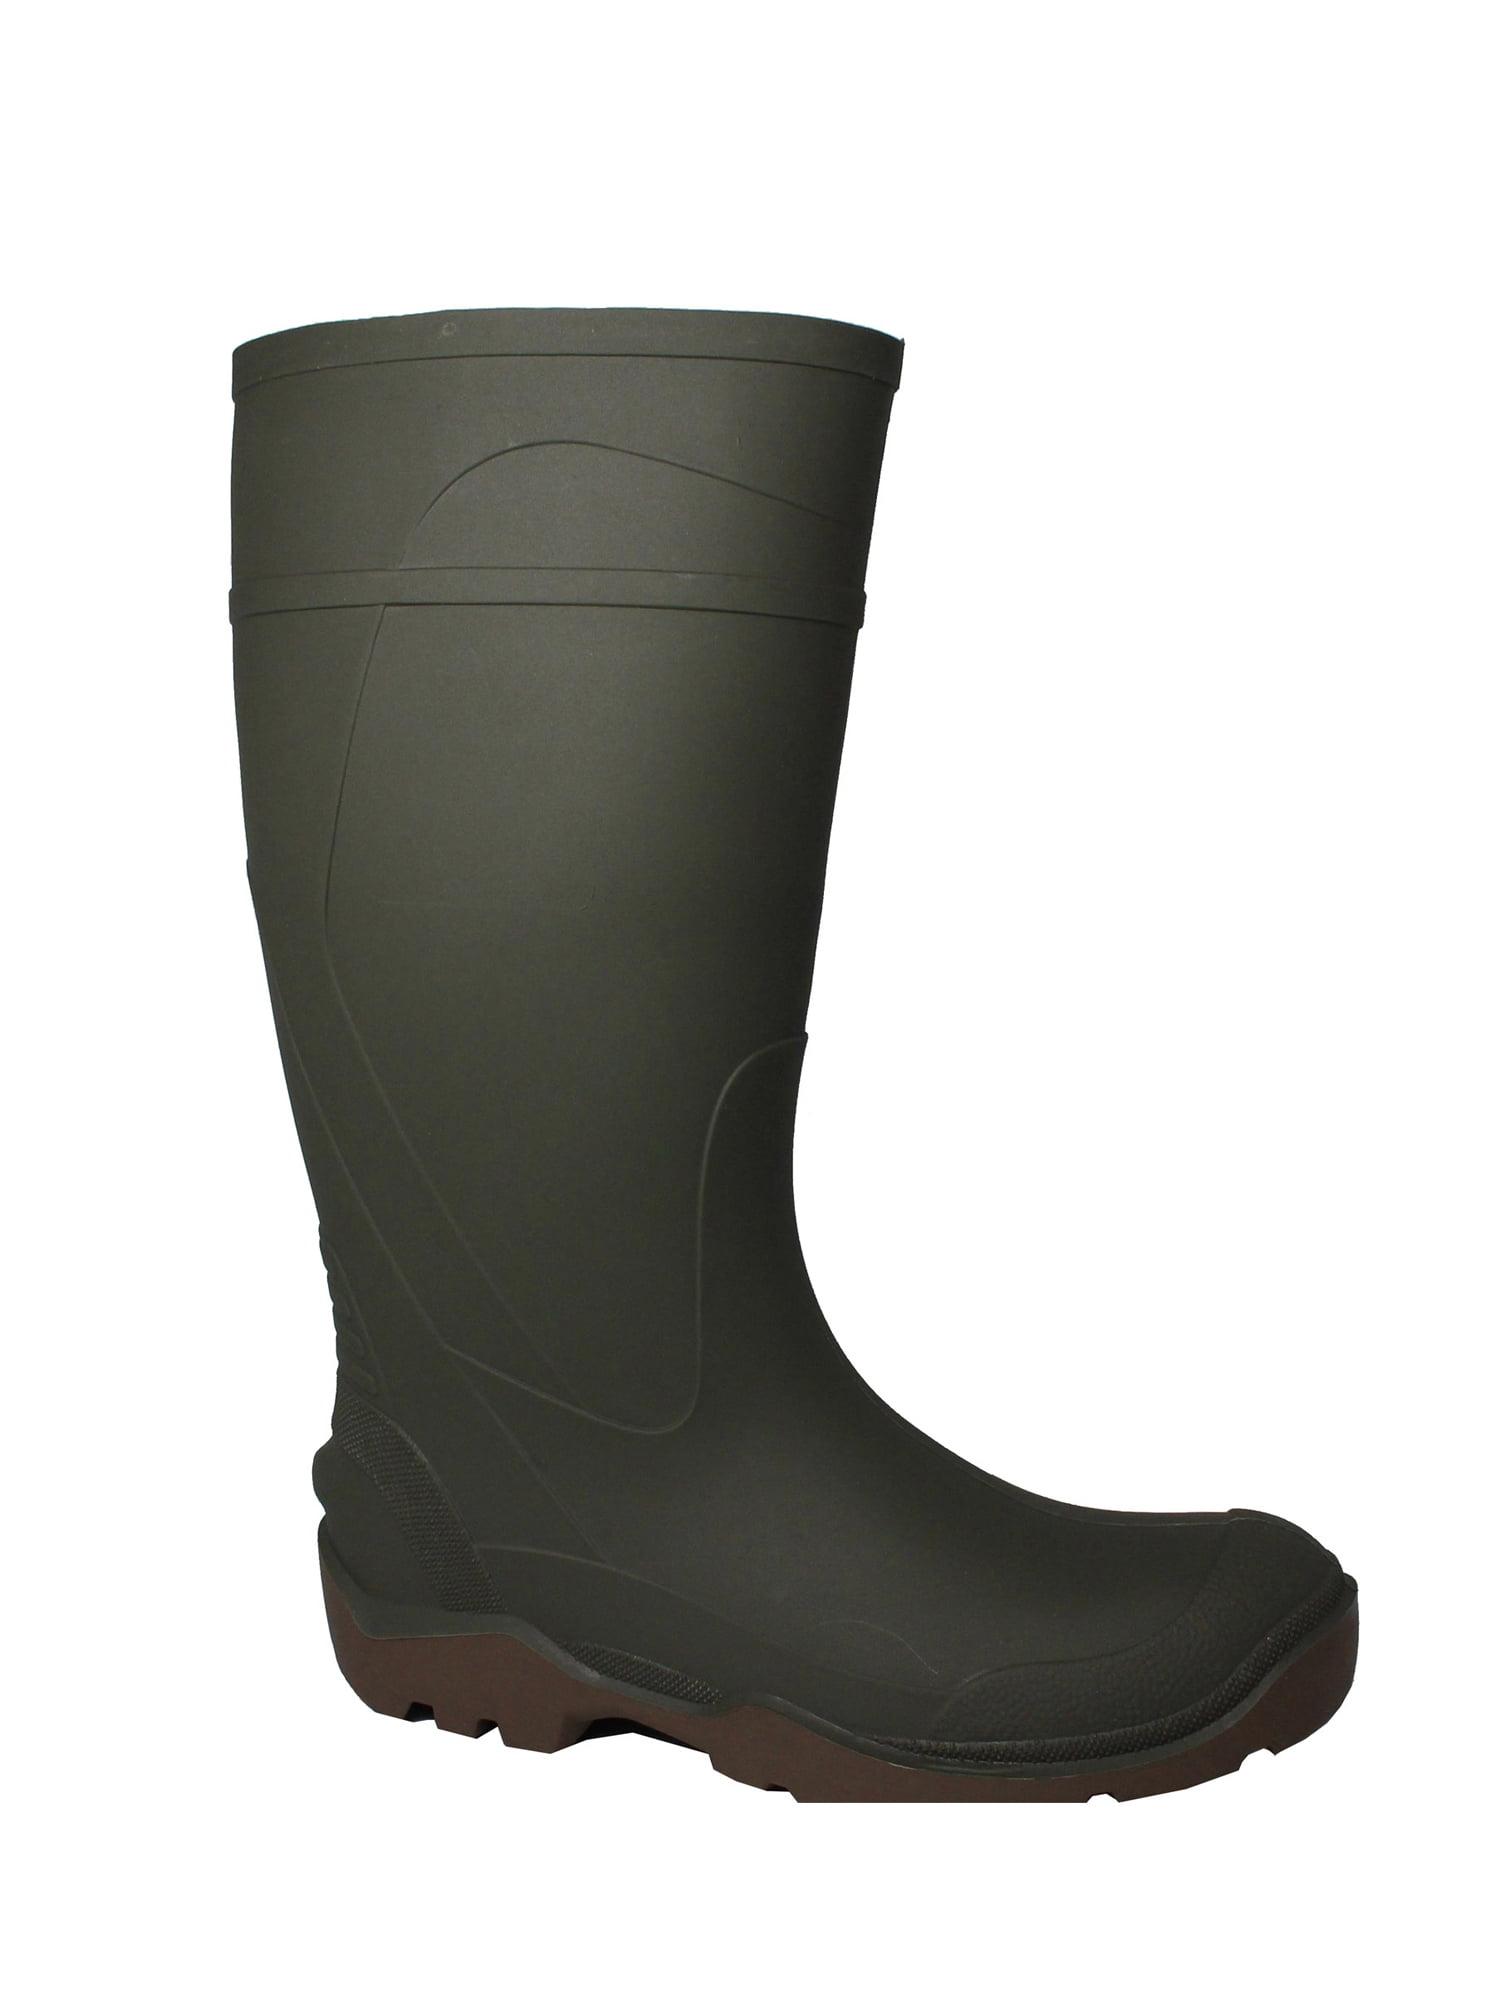 Men's Green Waterproof Boot